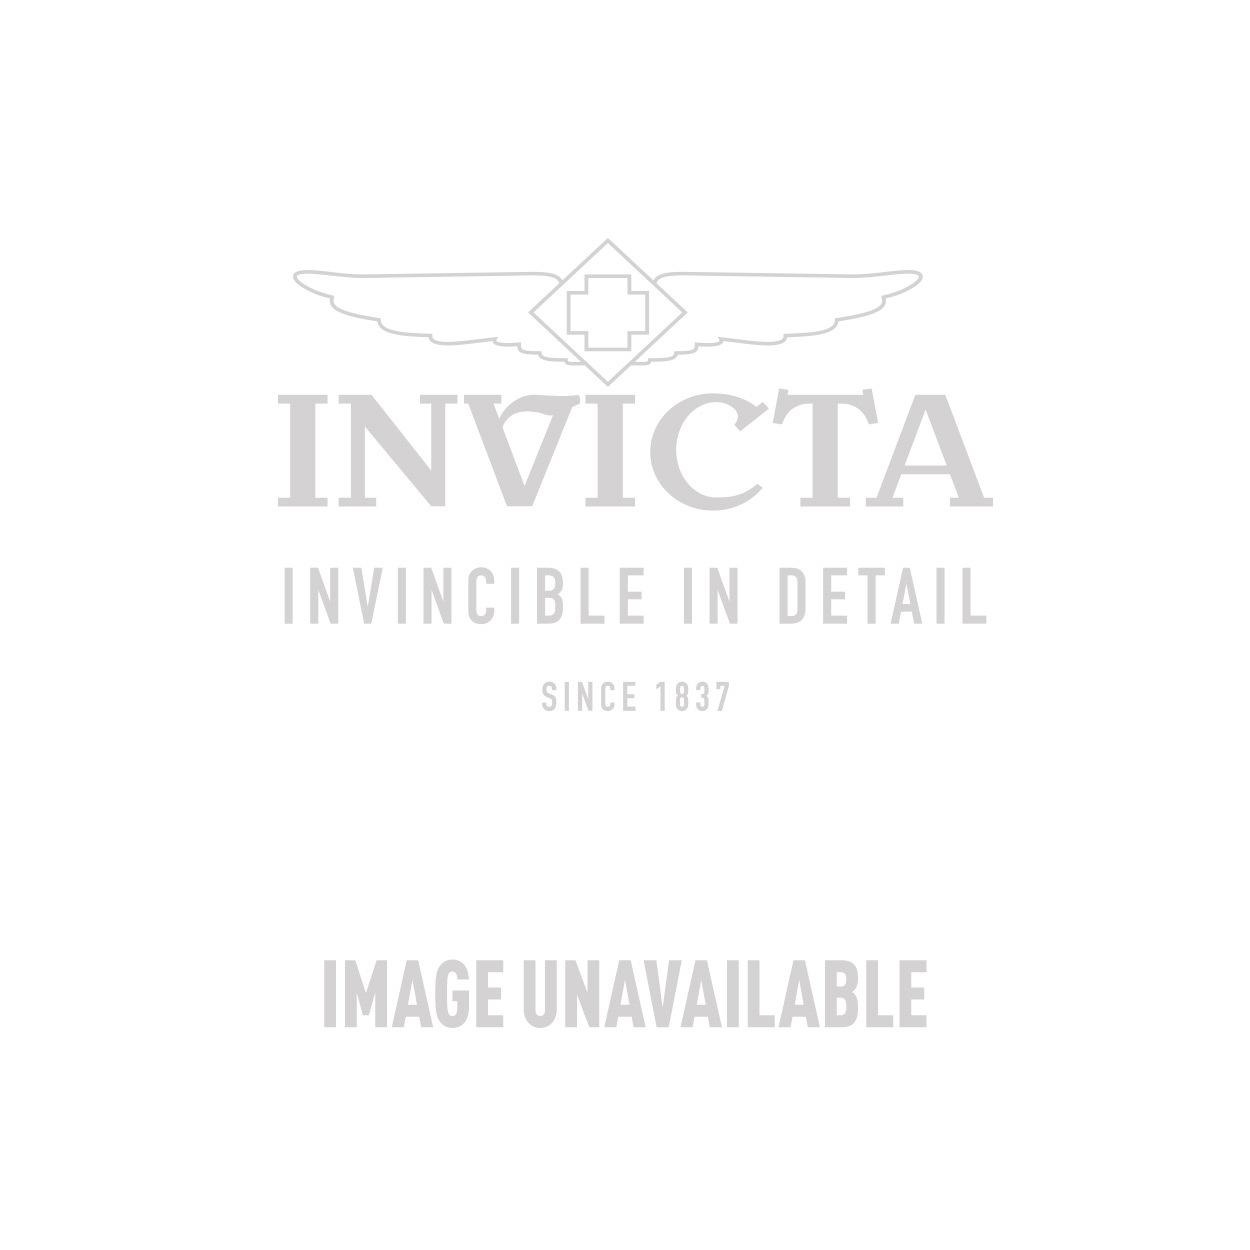 Invicta Model 27393